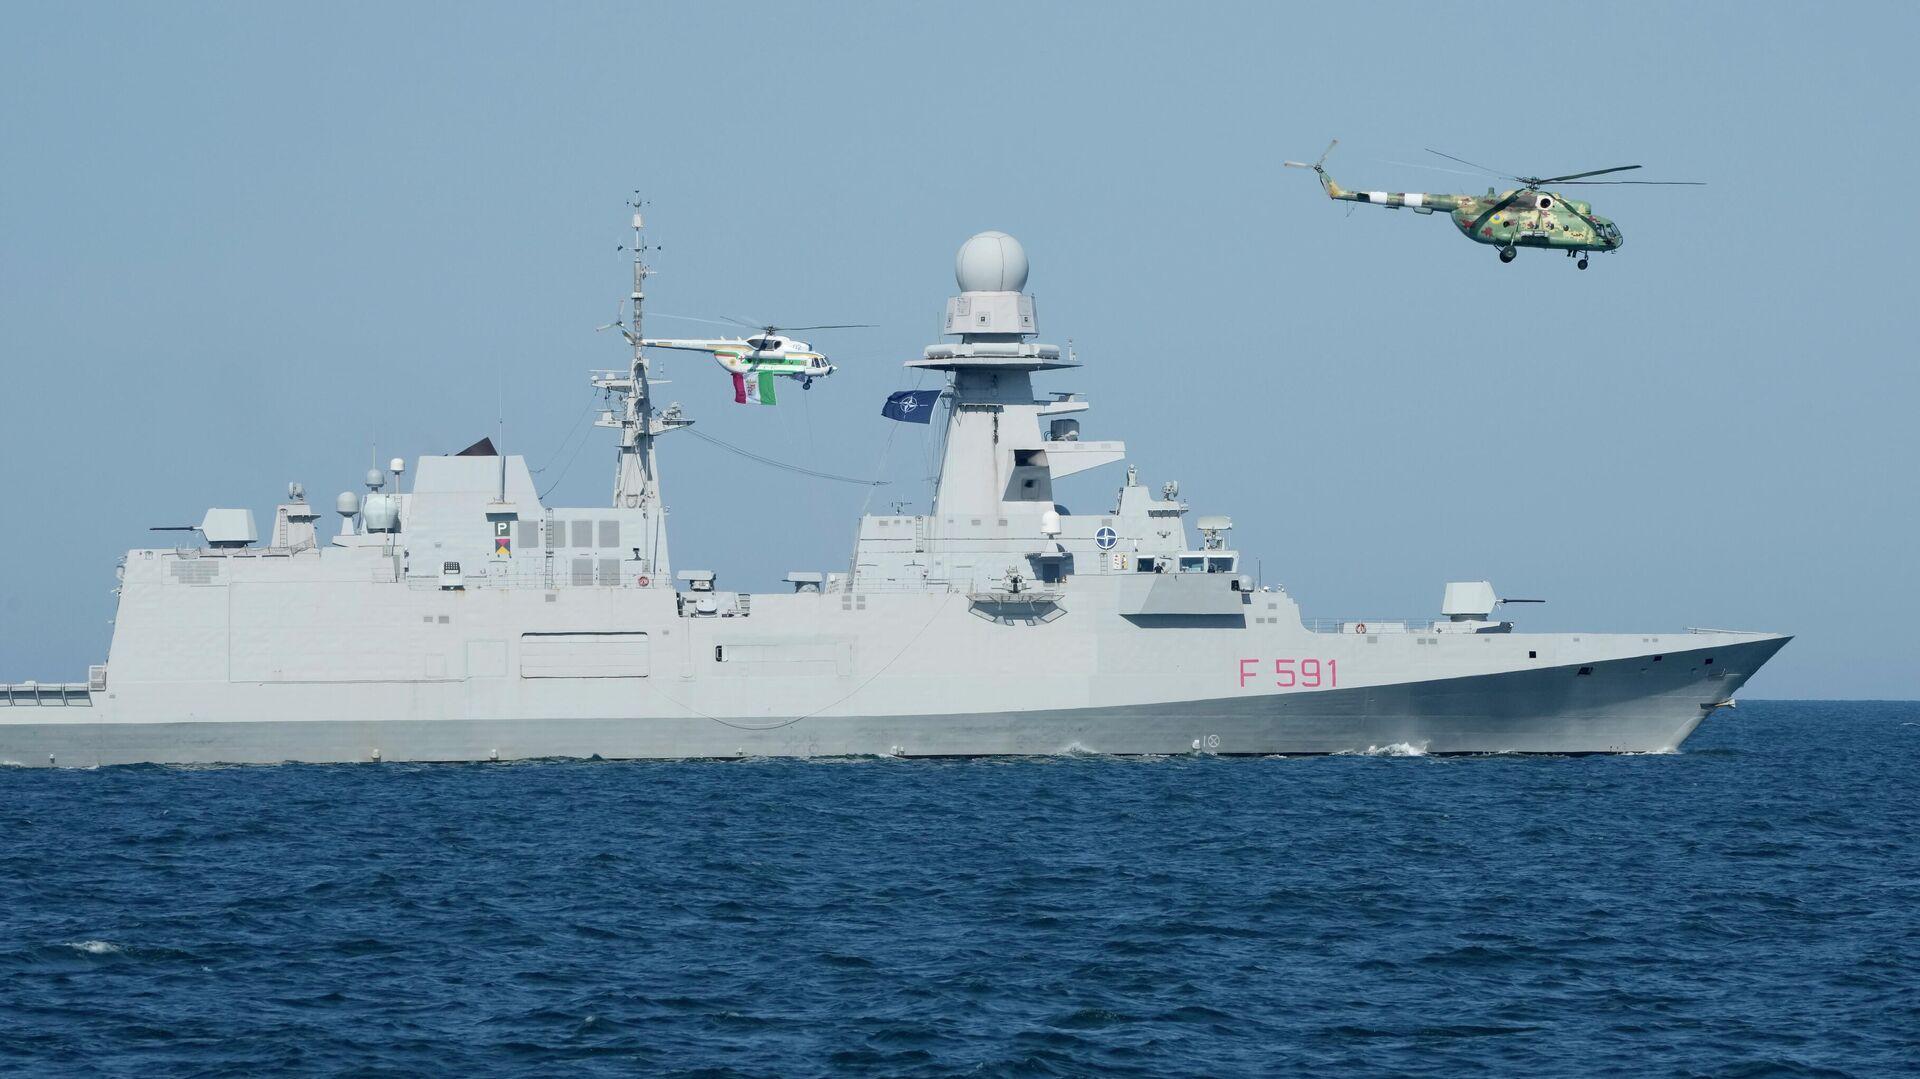 Итальянский фрегат Вирджинио Фазан принимает участие в учениях Sea Breeze-2021 в Черном море - РИА Новости, 1920, 05.08.2021